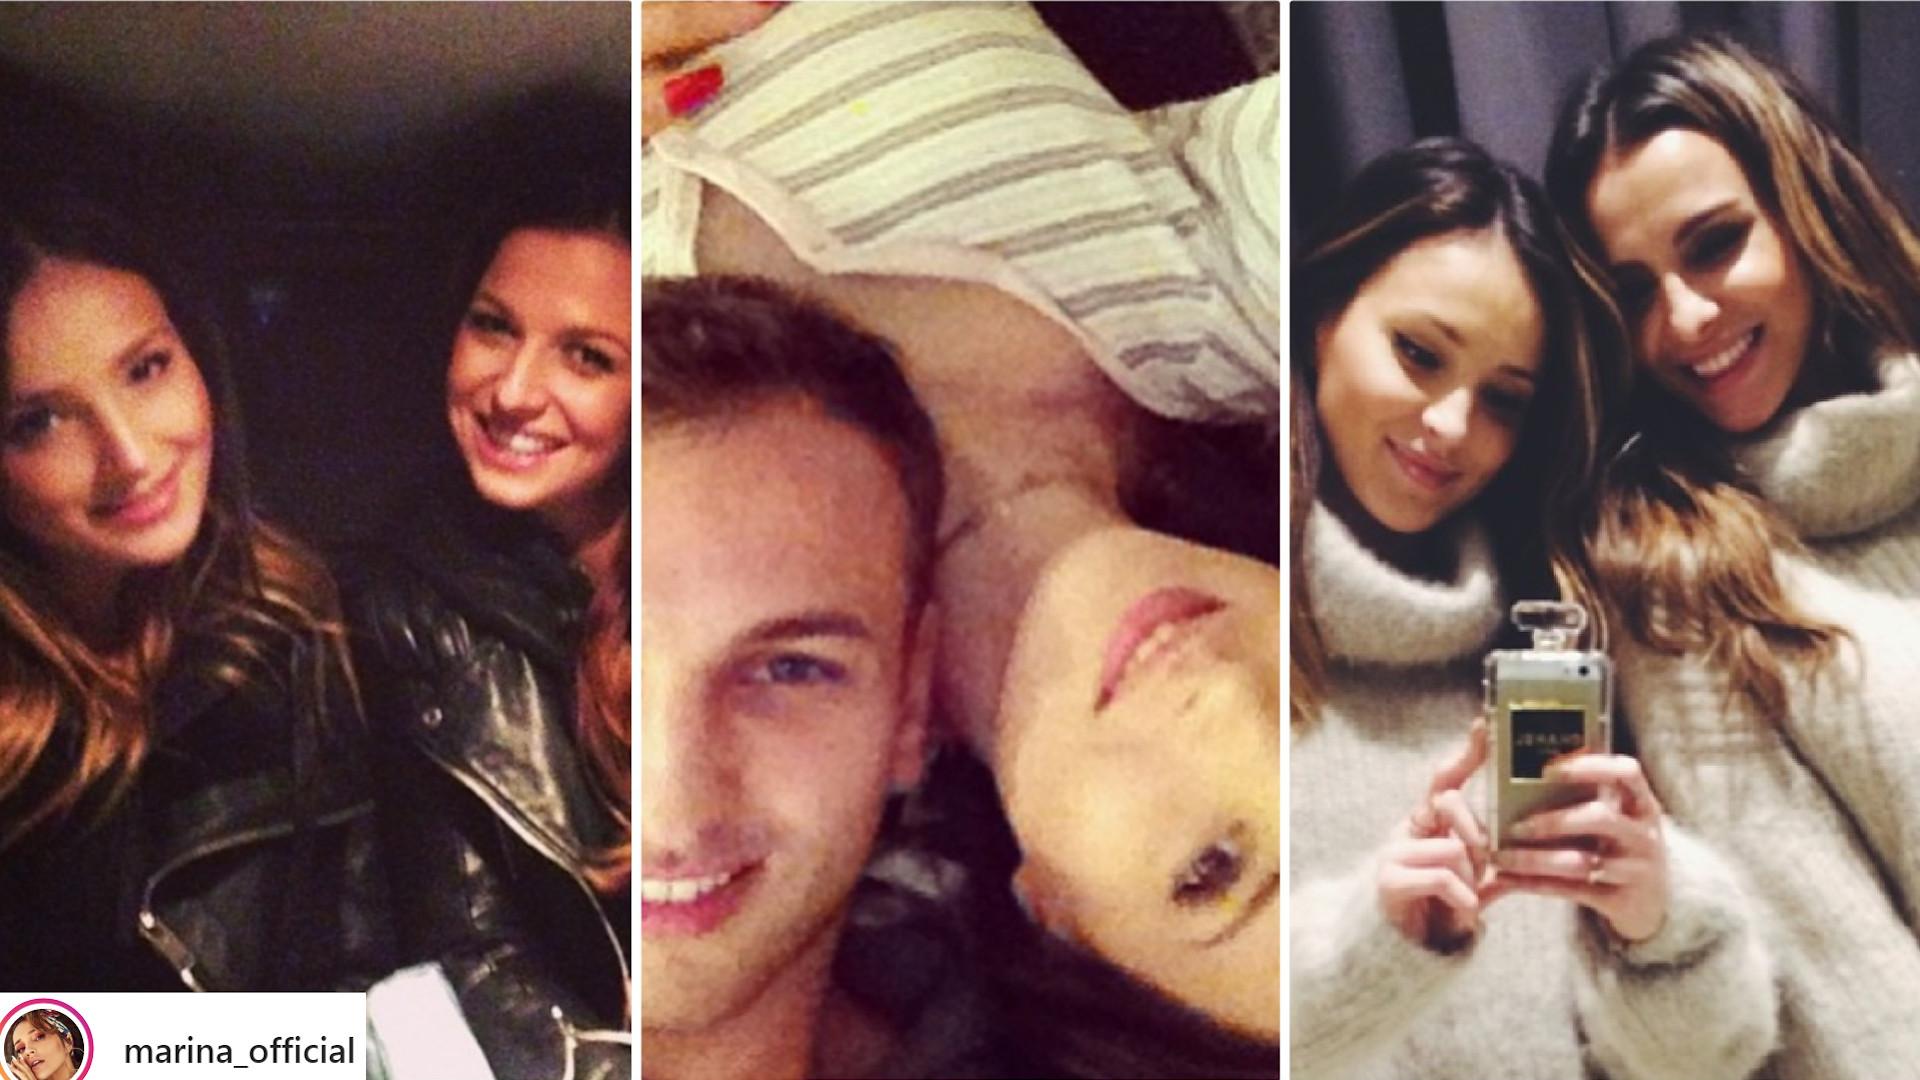 STARE zdjęcia Mariny na Instagramie – tak wyglądała PIERWSZA fotka z Wojtkiem Szczęsnym, którą wrzuciła